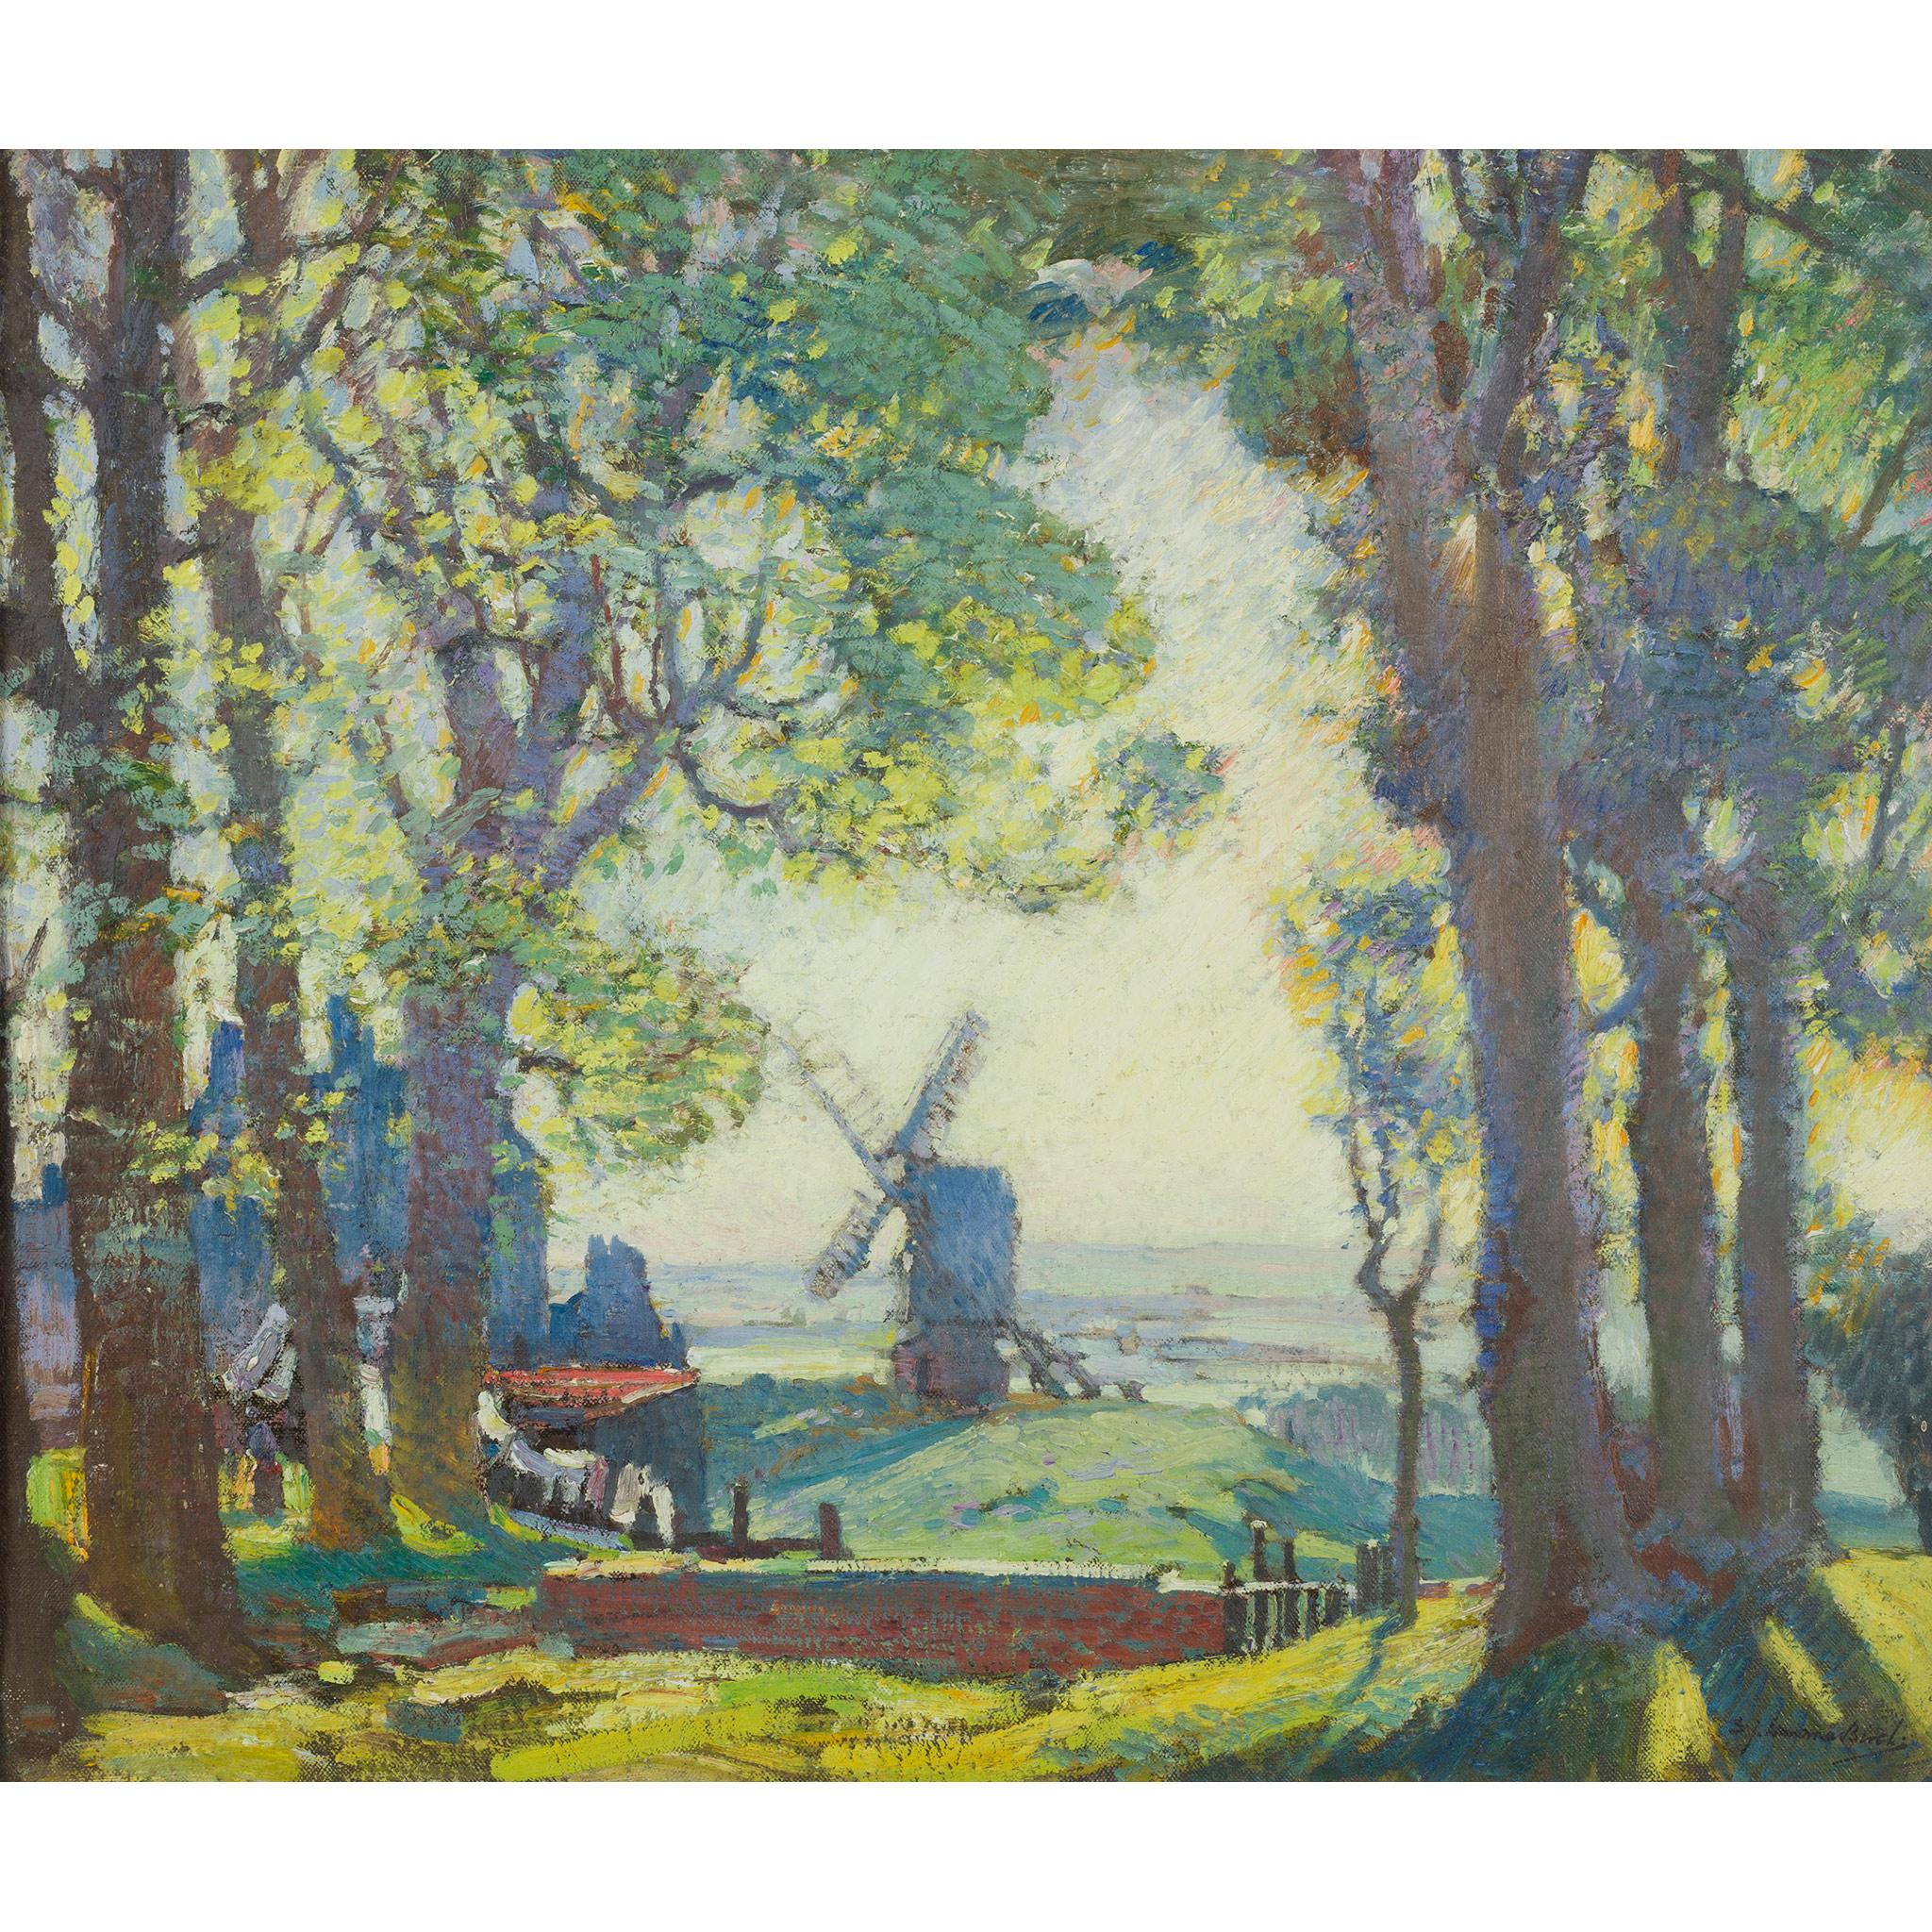 SAMUEL JOHN LAMORNA BIRCH R.A., R.W.S., R.W.A. (BRITISH 1869-1955) THE OLD MILL, POSSIL